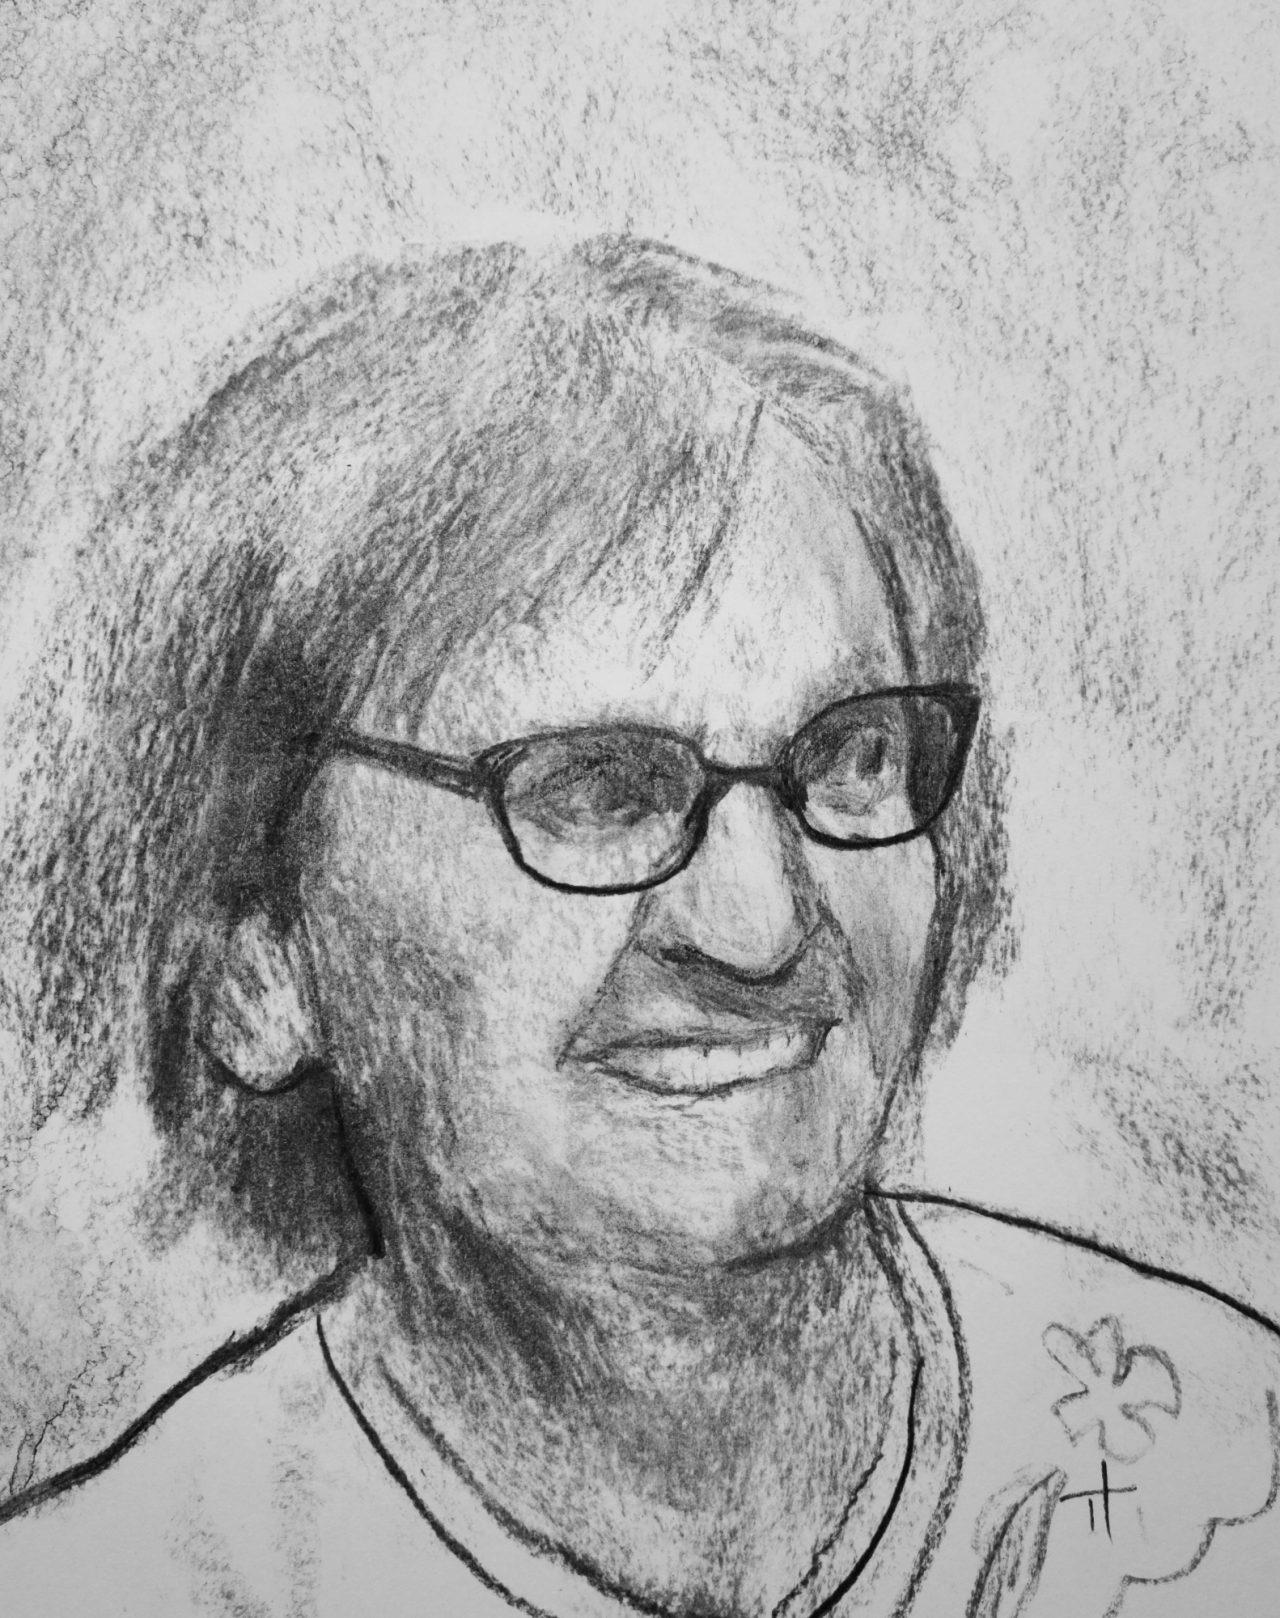 Marguerite - Les visages de notre histoire ©Tania Hillion